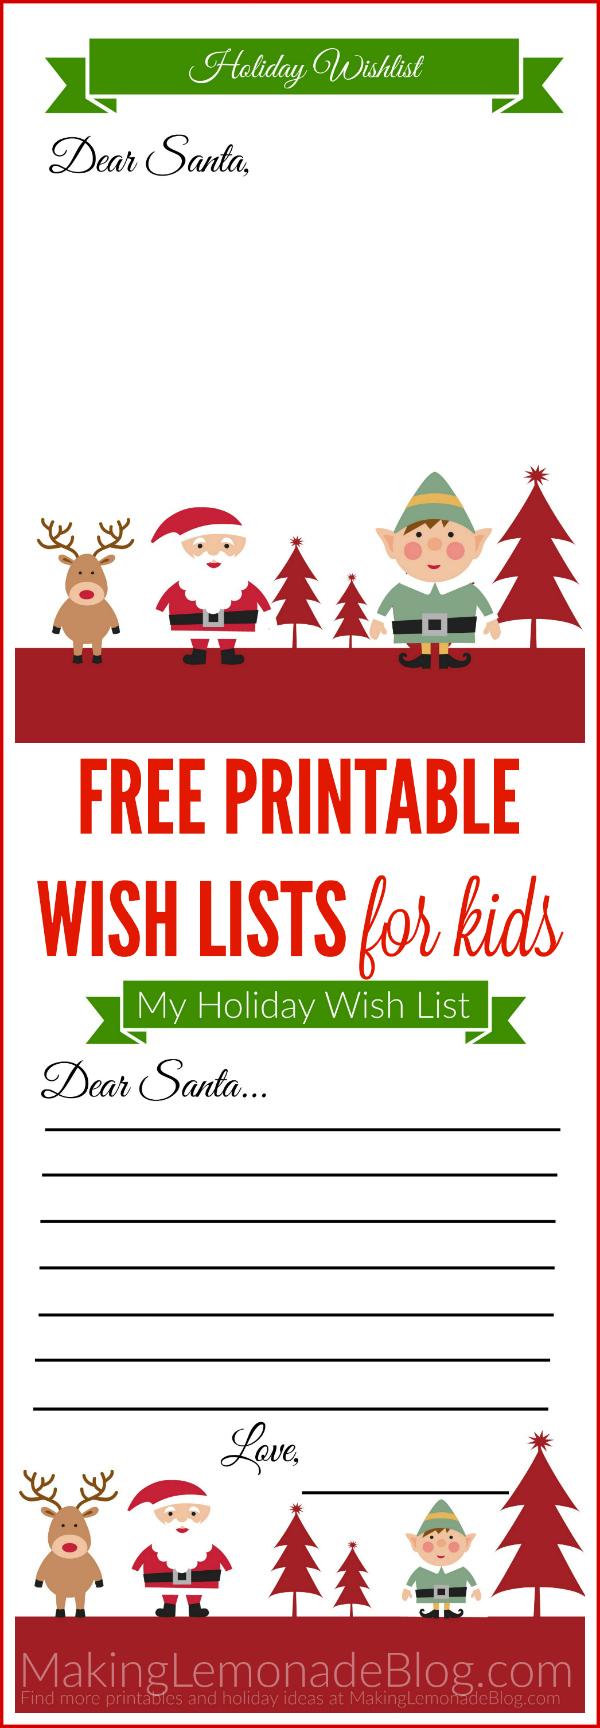 Free Printable Holiday Wish List For Kids - Free Printable Christmas List